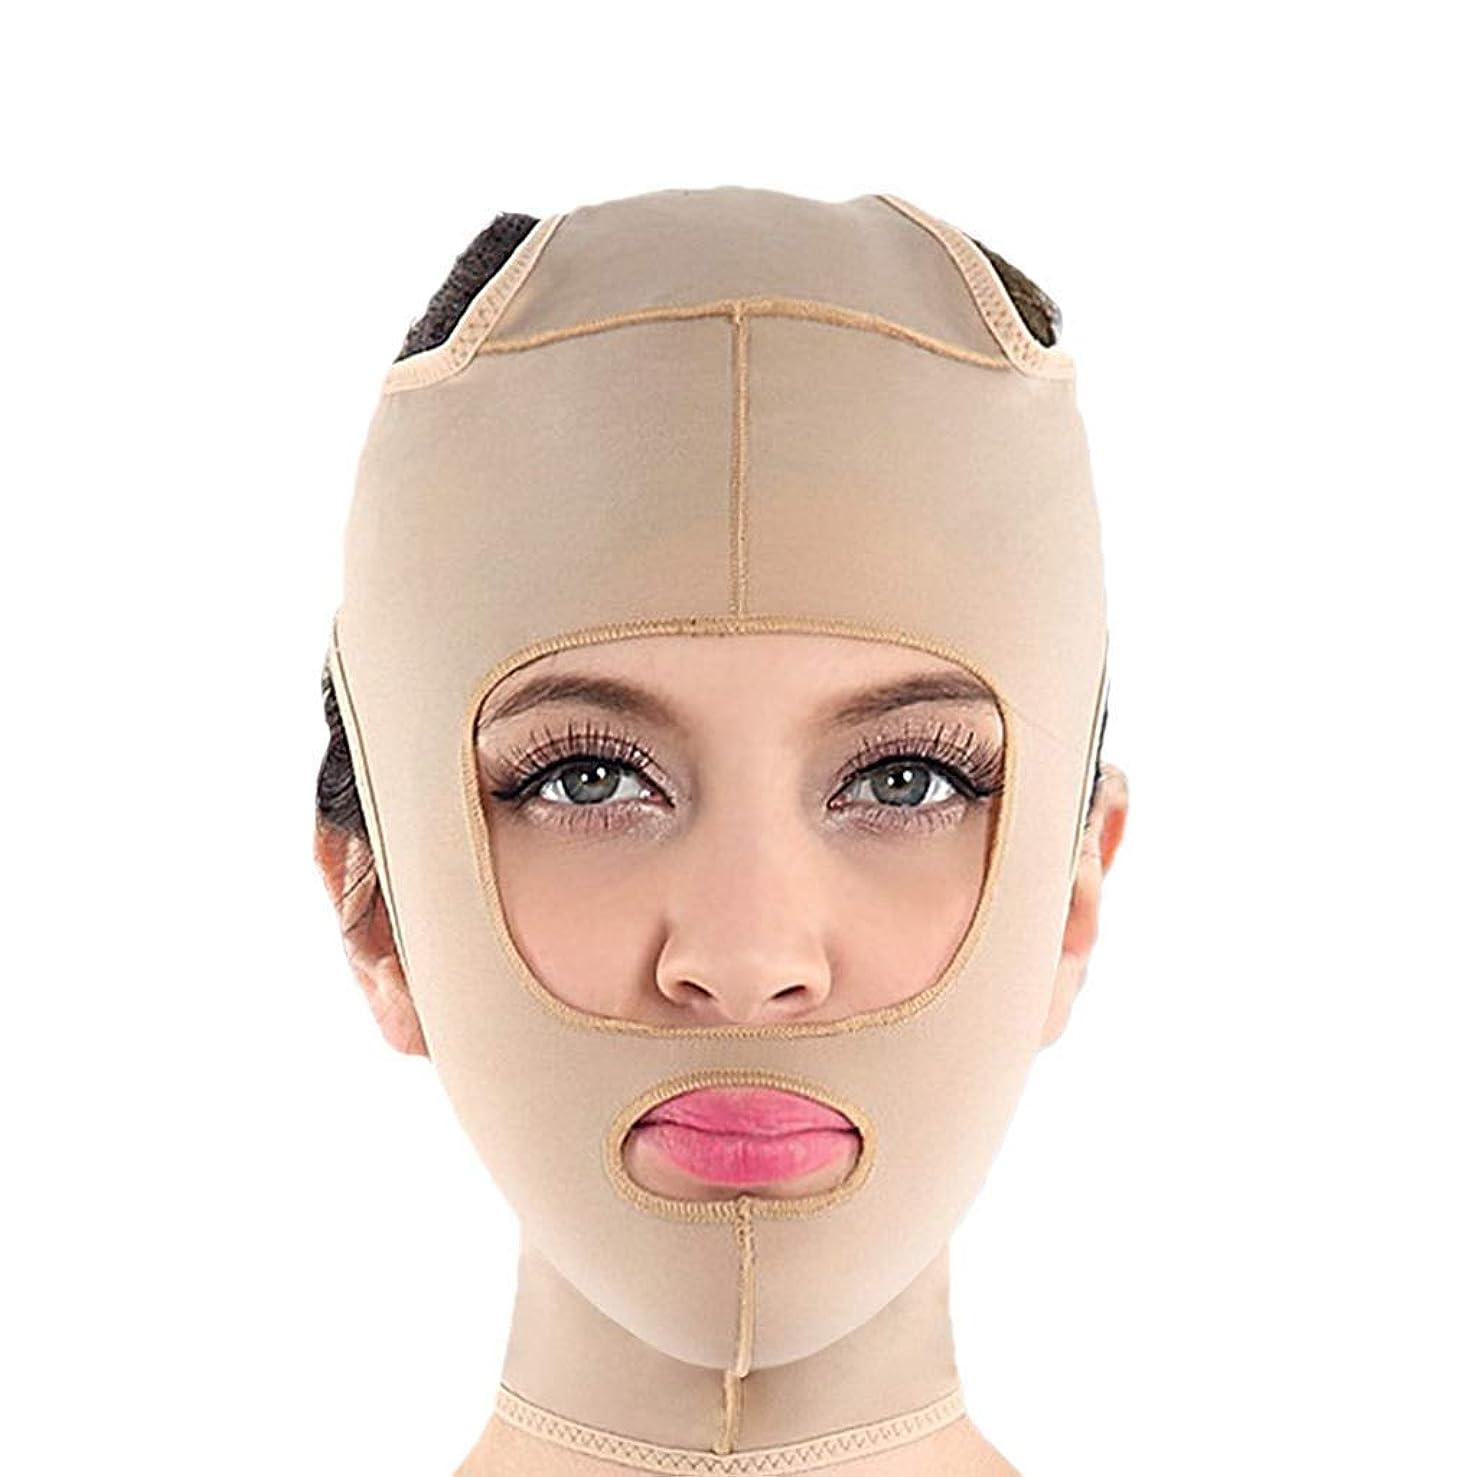 テレビ局チラチラするプレミアフェイスリフティング、ダブルチンストラップ、フェイシャル減量マスク、ダブルチンを減らすリフティングヌードル、ファーミングフェイス、パワフルリフティングマスク(サイズ:M),M